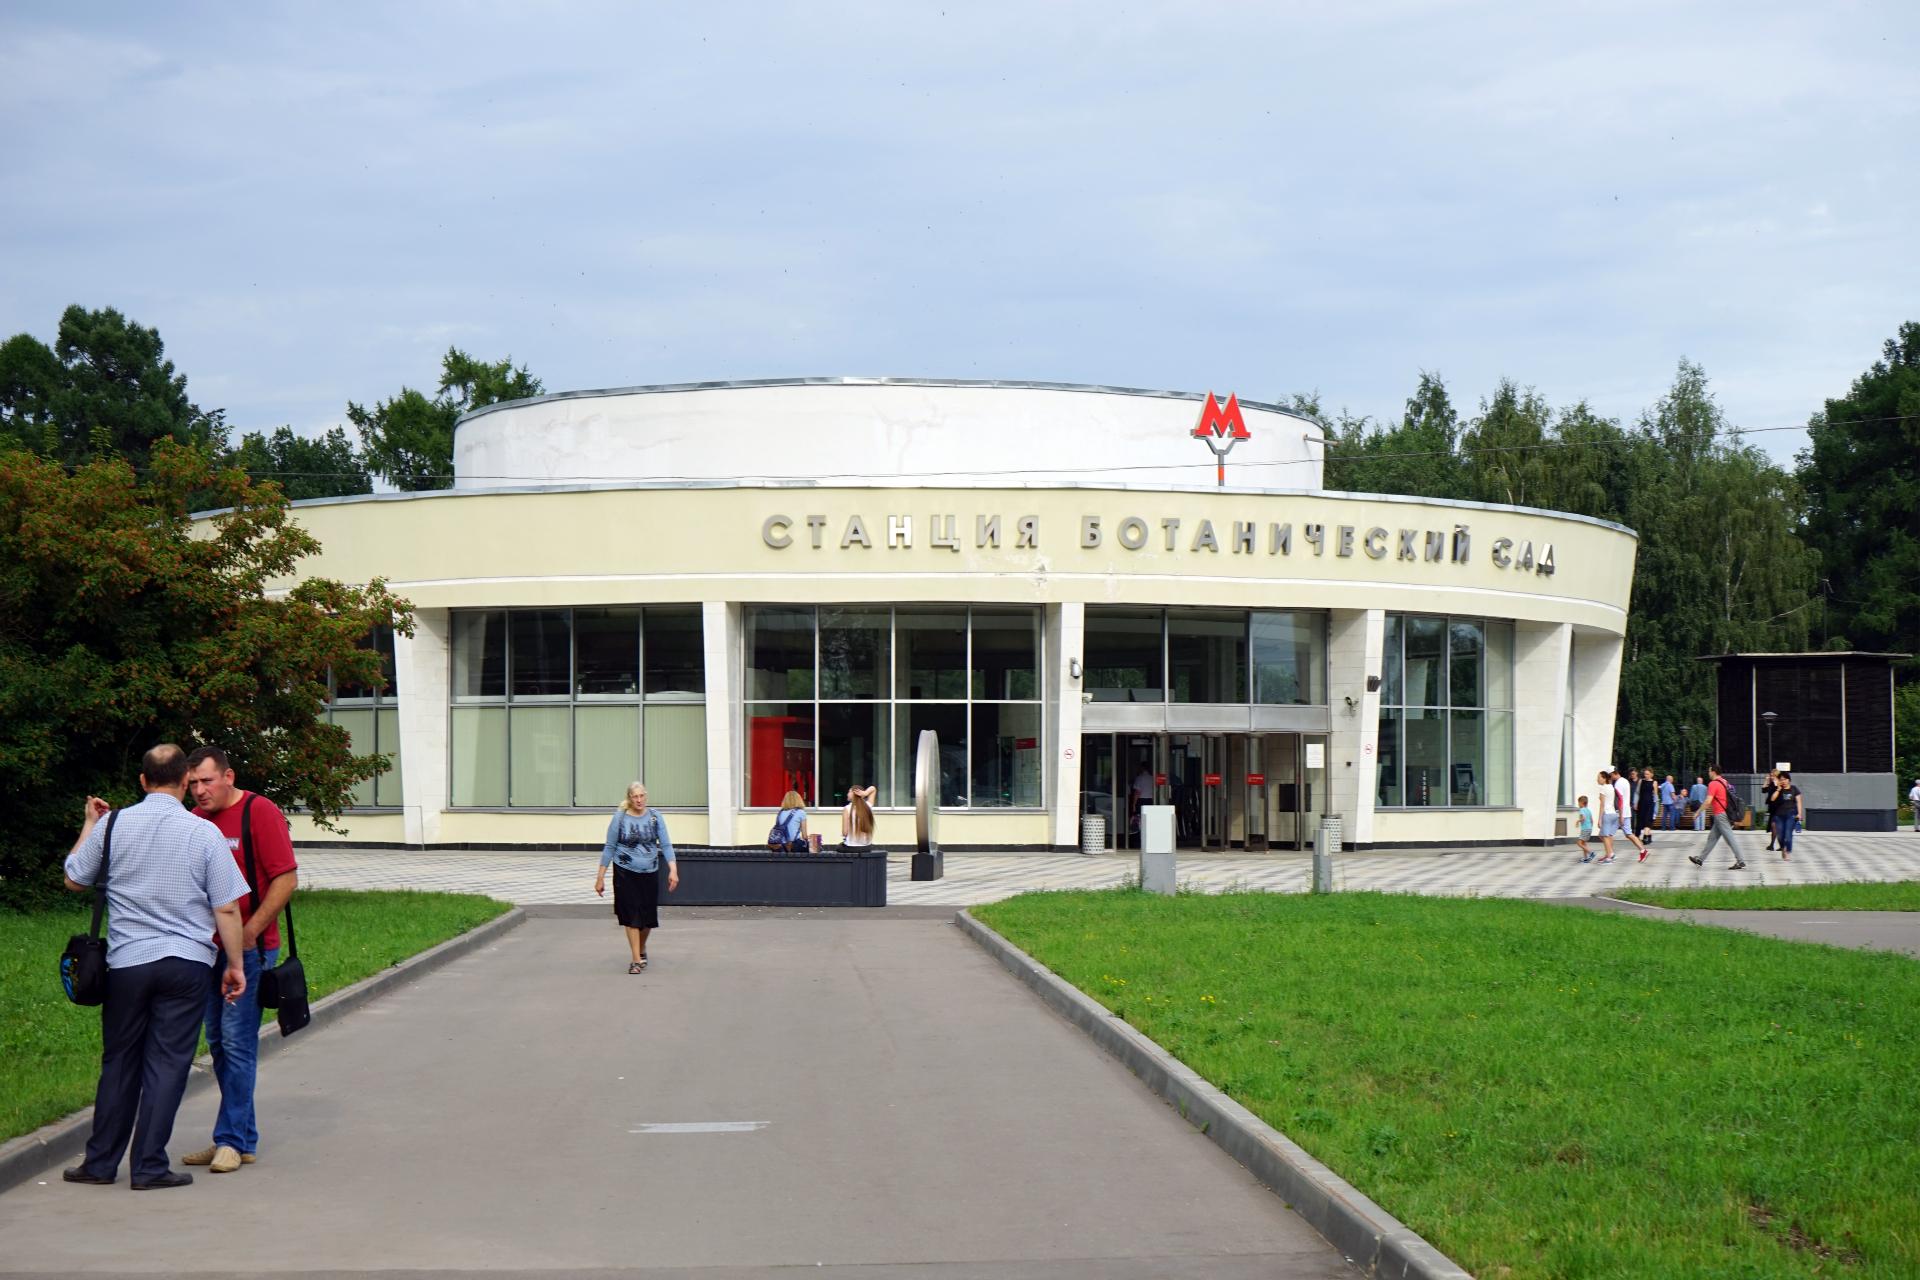 Вестибюль станции метро «Ботанический сад»